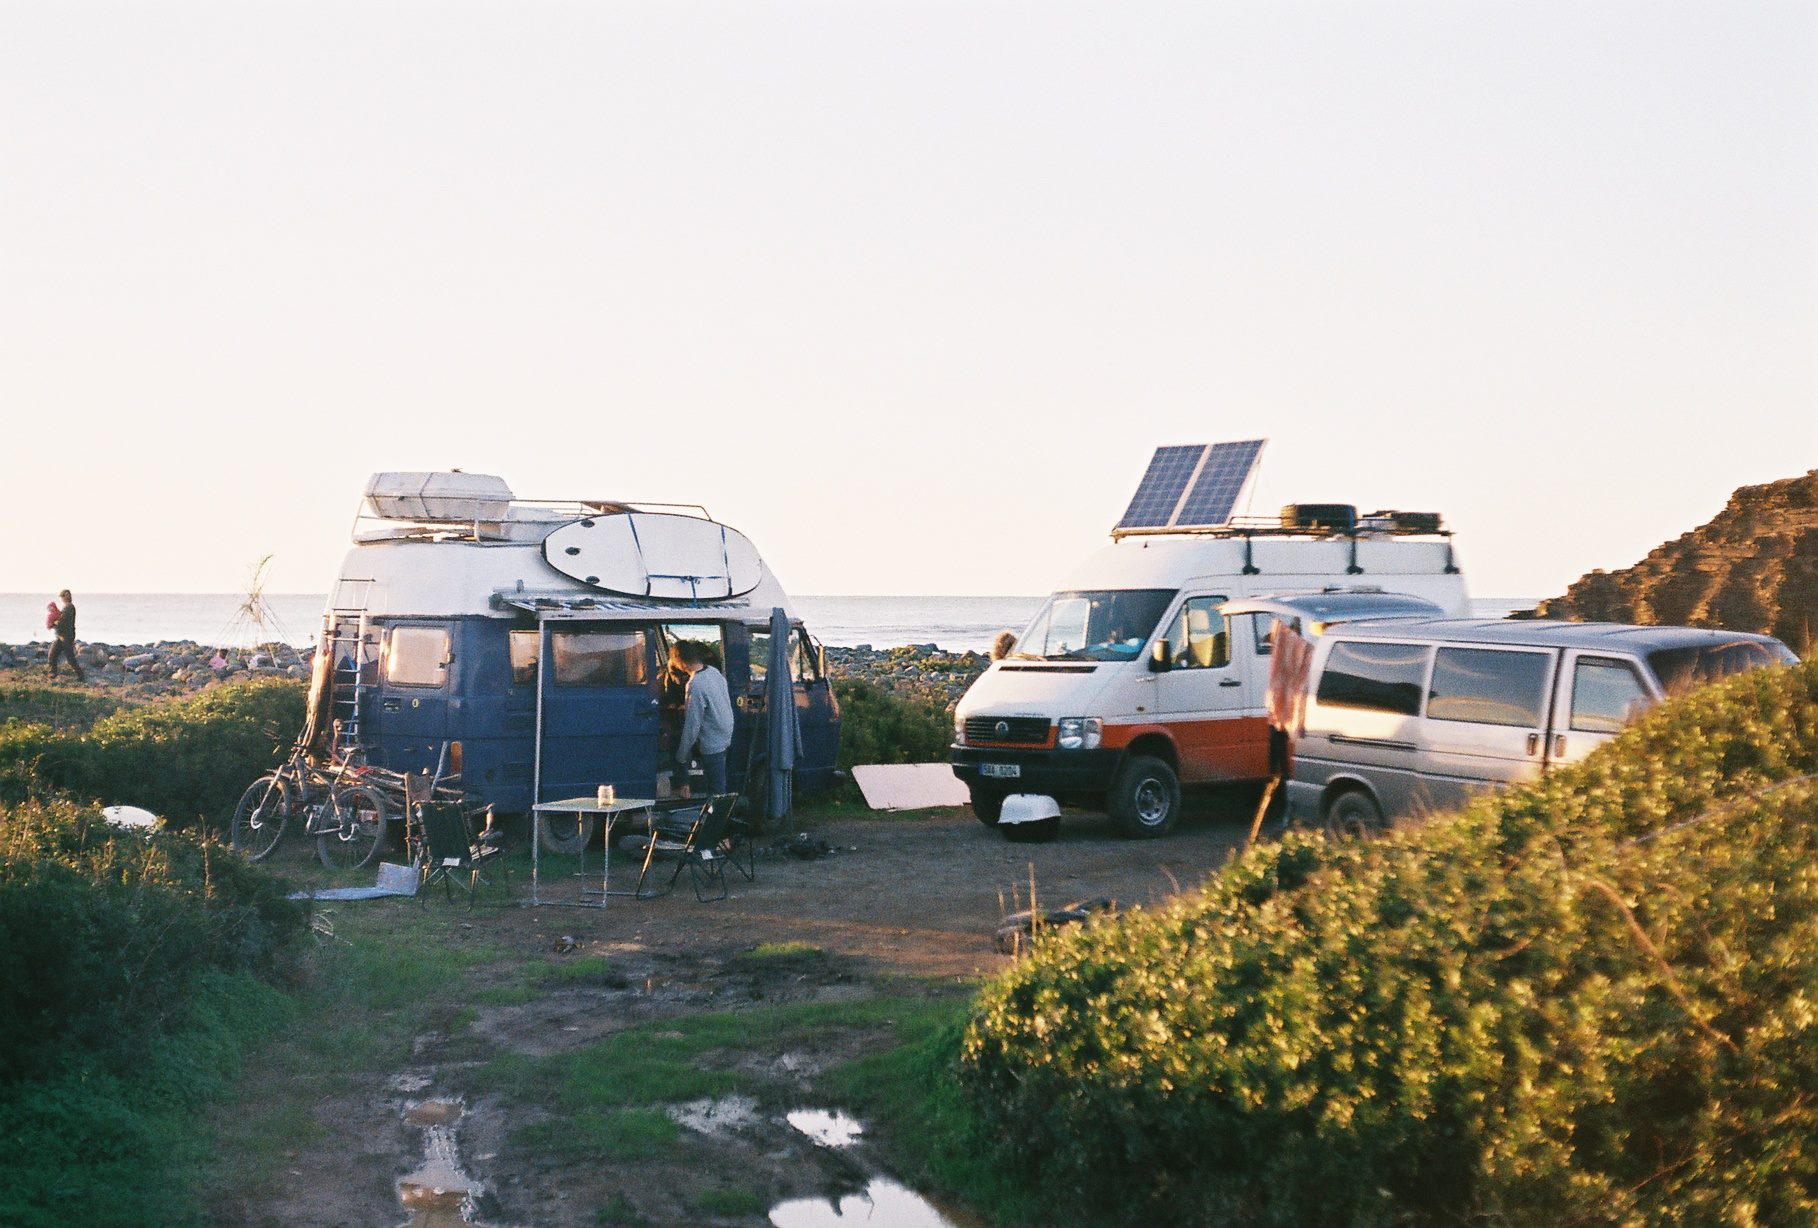 Parkování awildcamping umoře. Zdroj: Osobní archív Dominiky Jelínkové